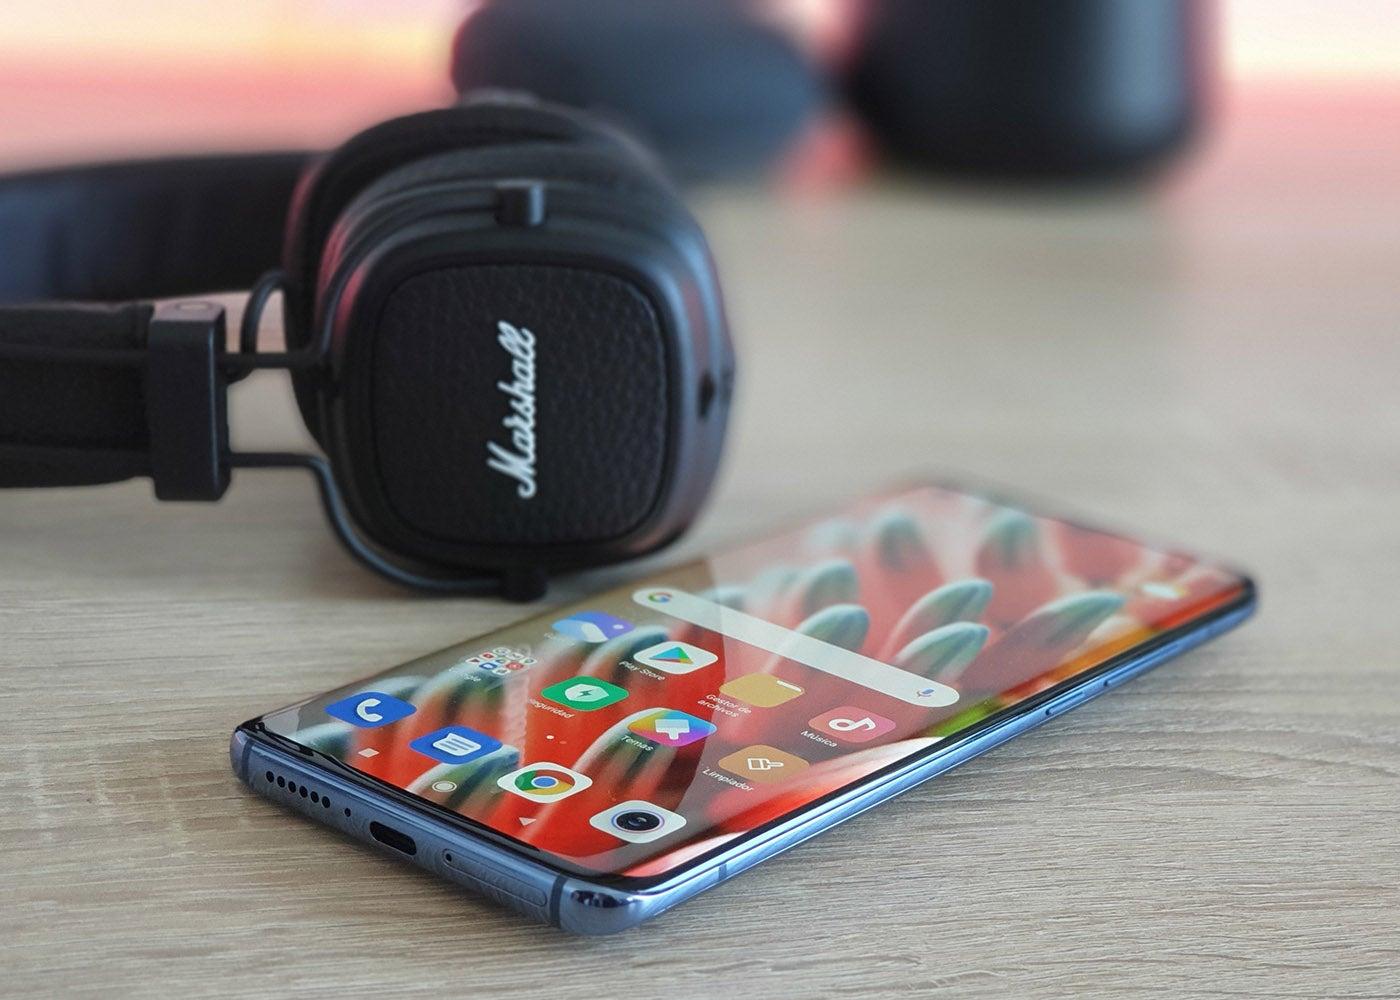 Xiaomi Mi 10 5G, Bewertung: Bewertung mit Preis, Ausstattung und Meinung